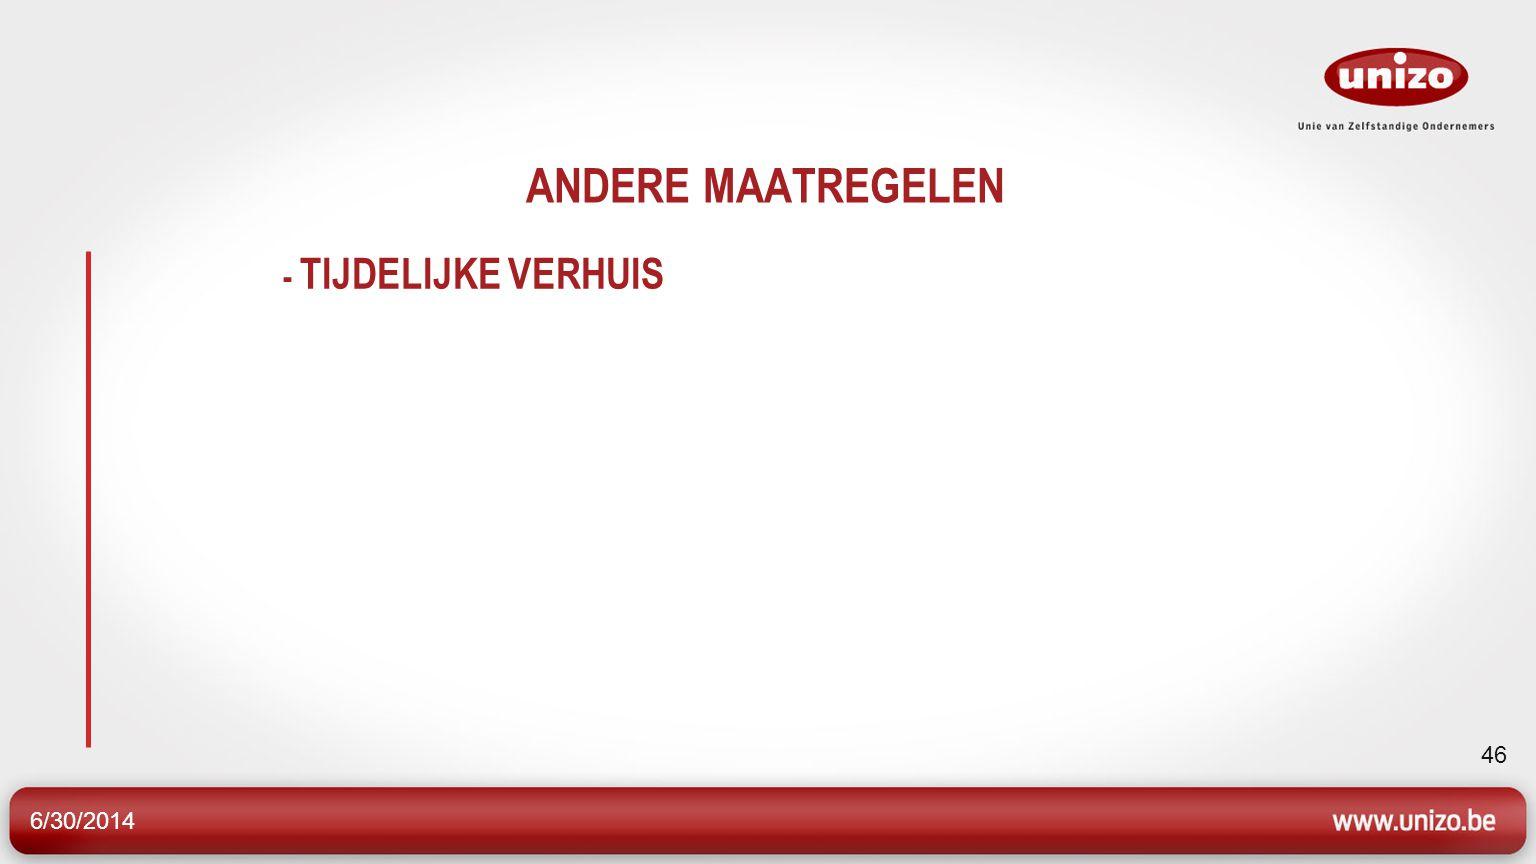 6/30/2014 46 ANDERE MAATREGELEN - TIJDELIJKE VERHUIS